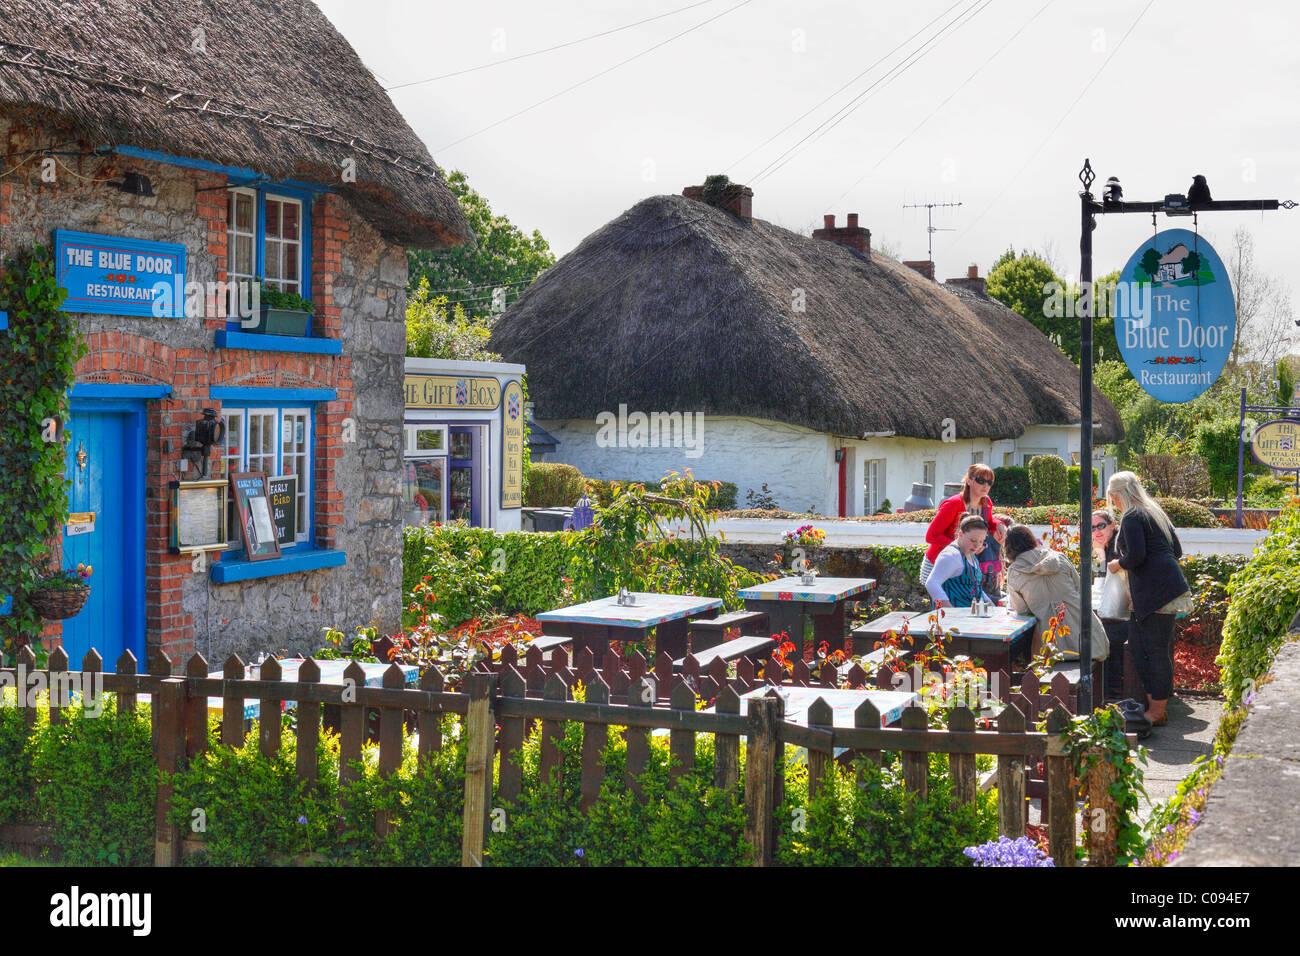 Il ristorante Blue Door, case con il tetto di paglia, Adare, County Limerick, Irlanda Isole britanniche, Europa Immagini Stock